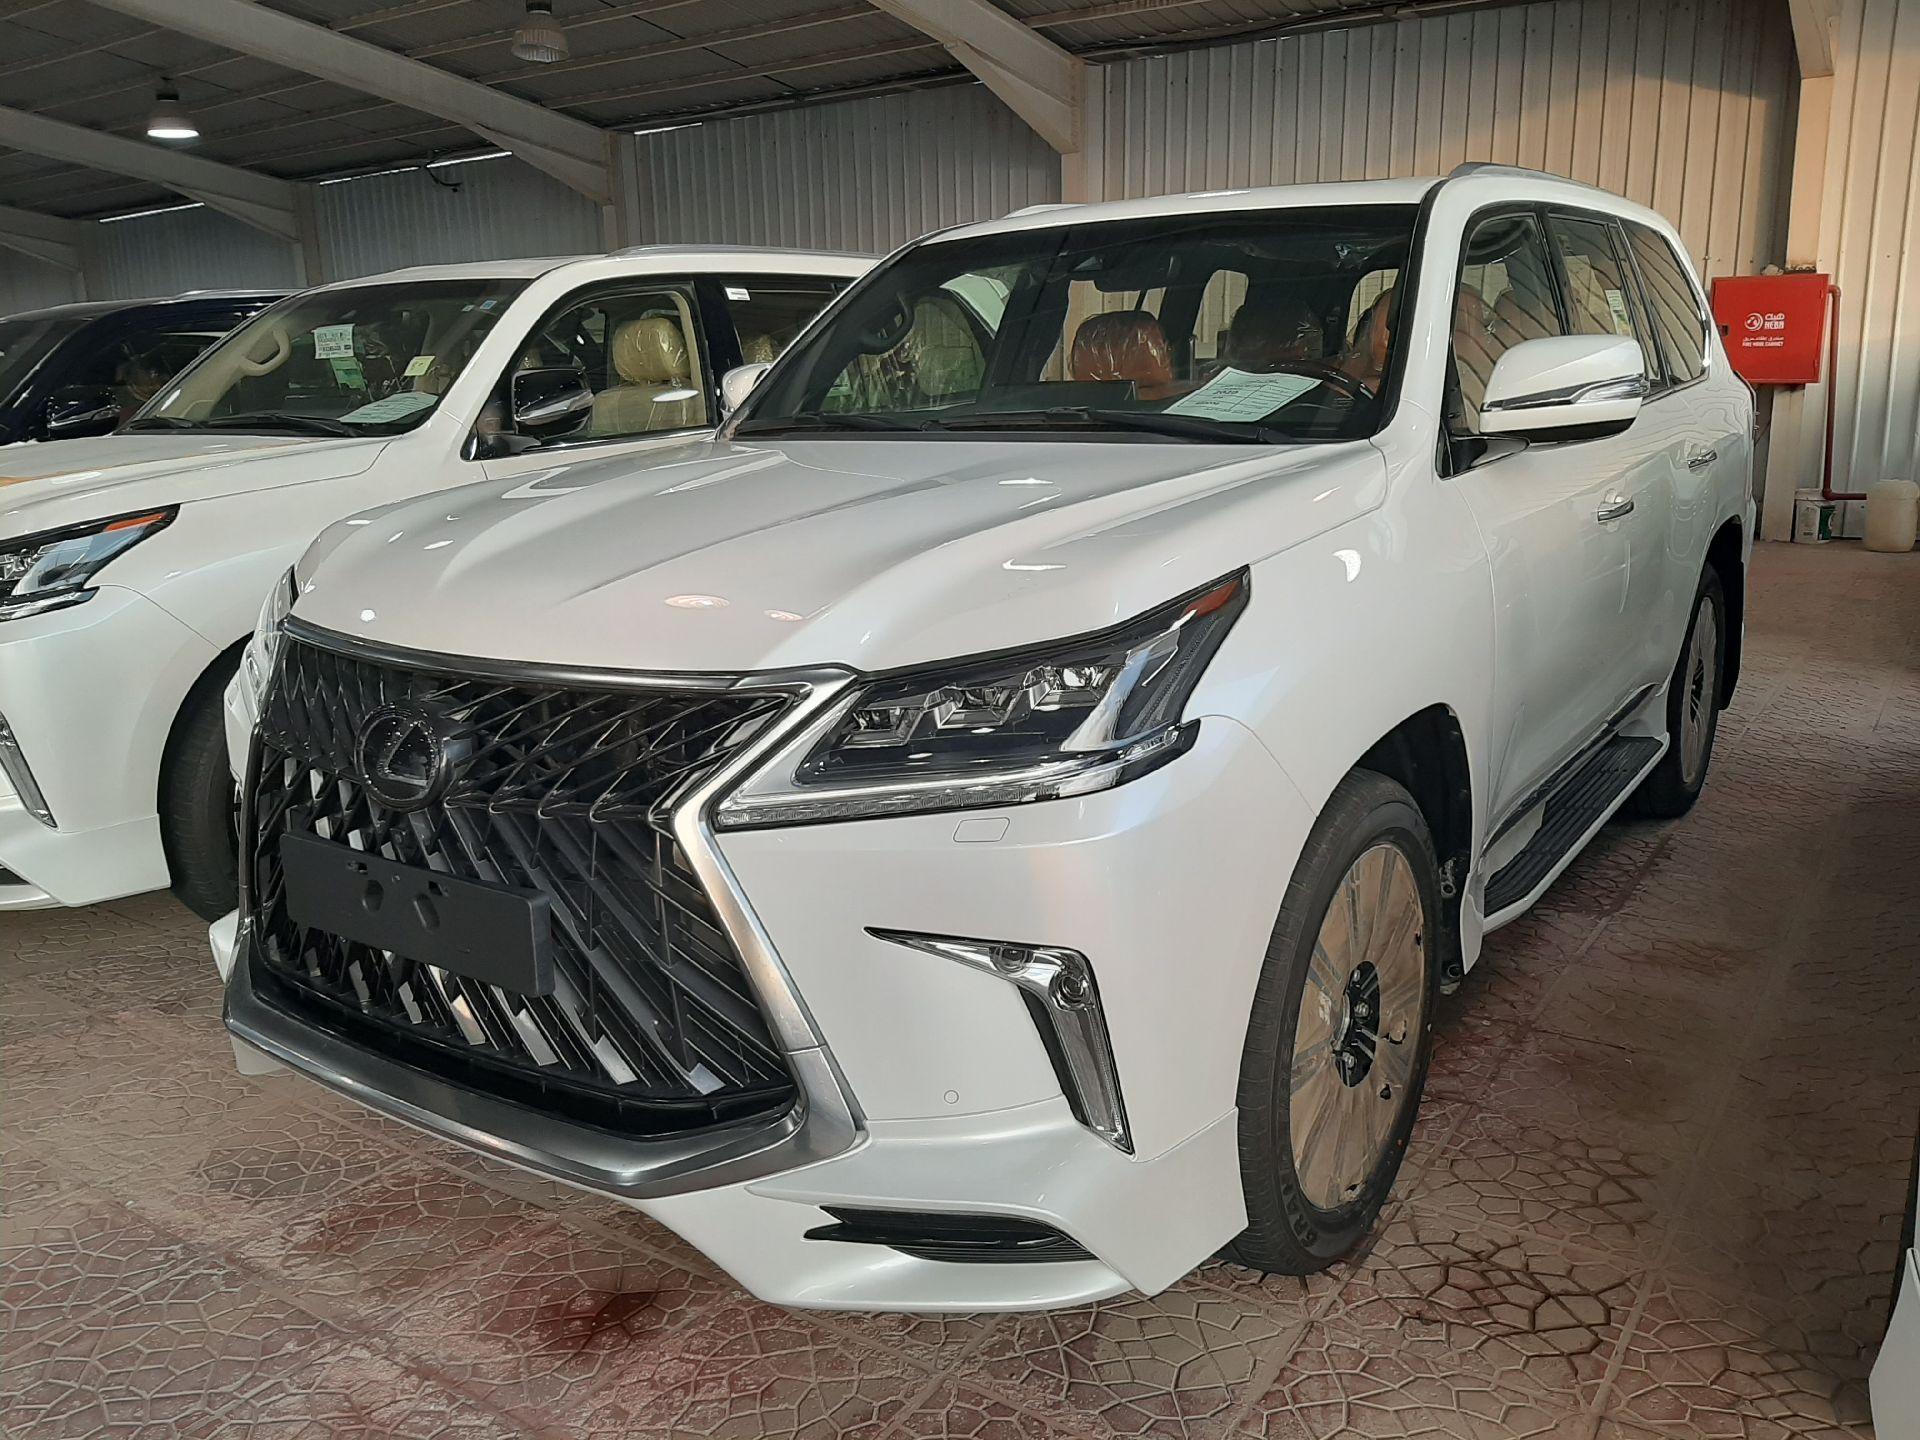 مباع - لكزس LX570  دايموند 2020 خليجي فل جديد للبيع في الرياض - السعودية - صورة كبيرة - 3